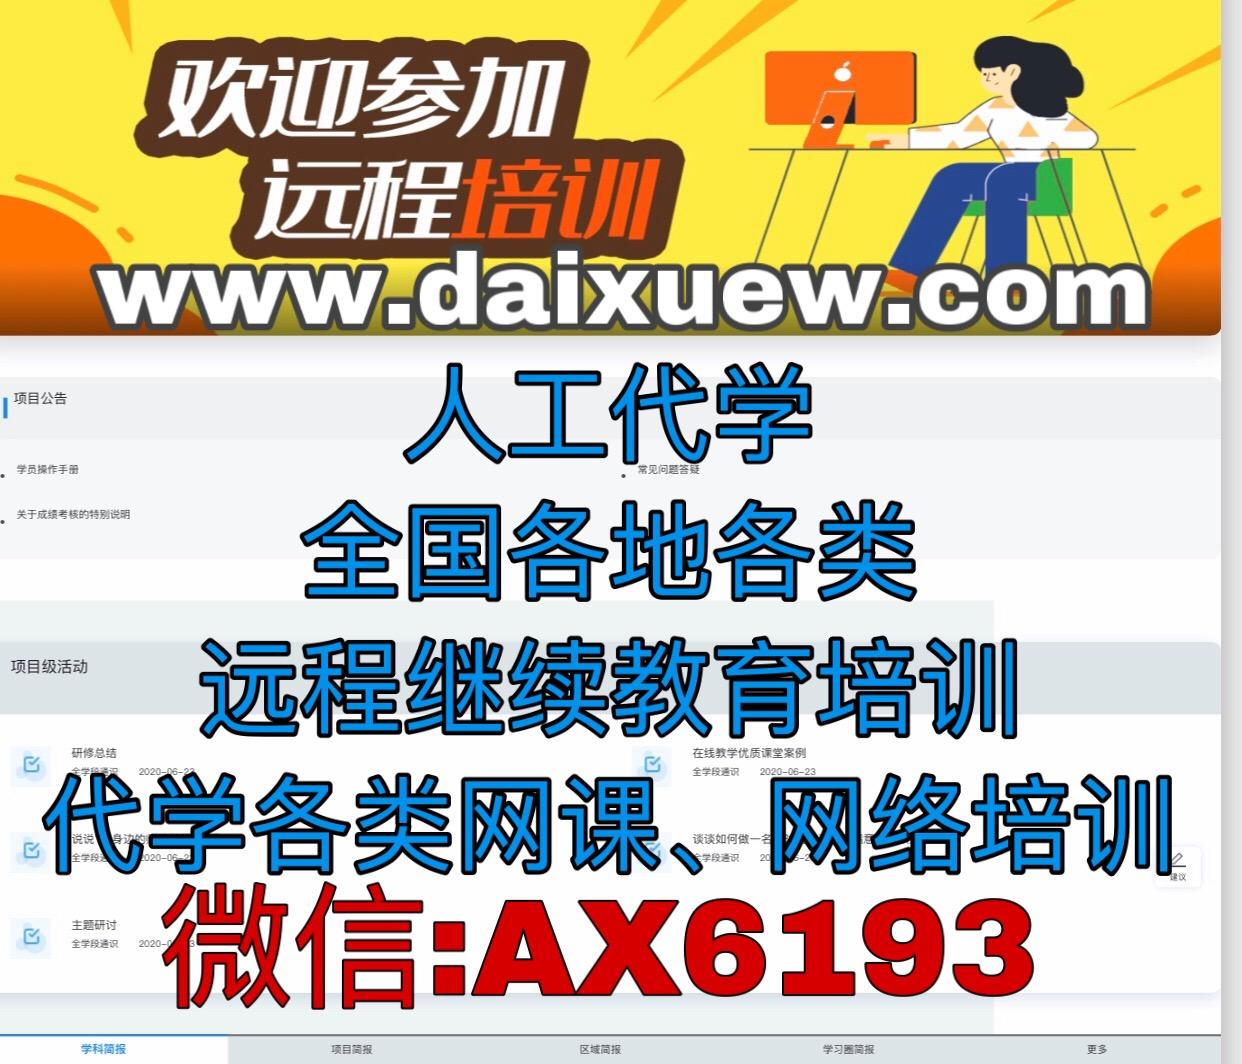 宿松县2019-2020学年度小学幼儿园教师全员培训网络研修项目